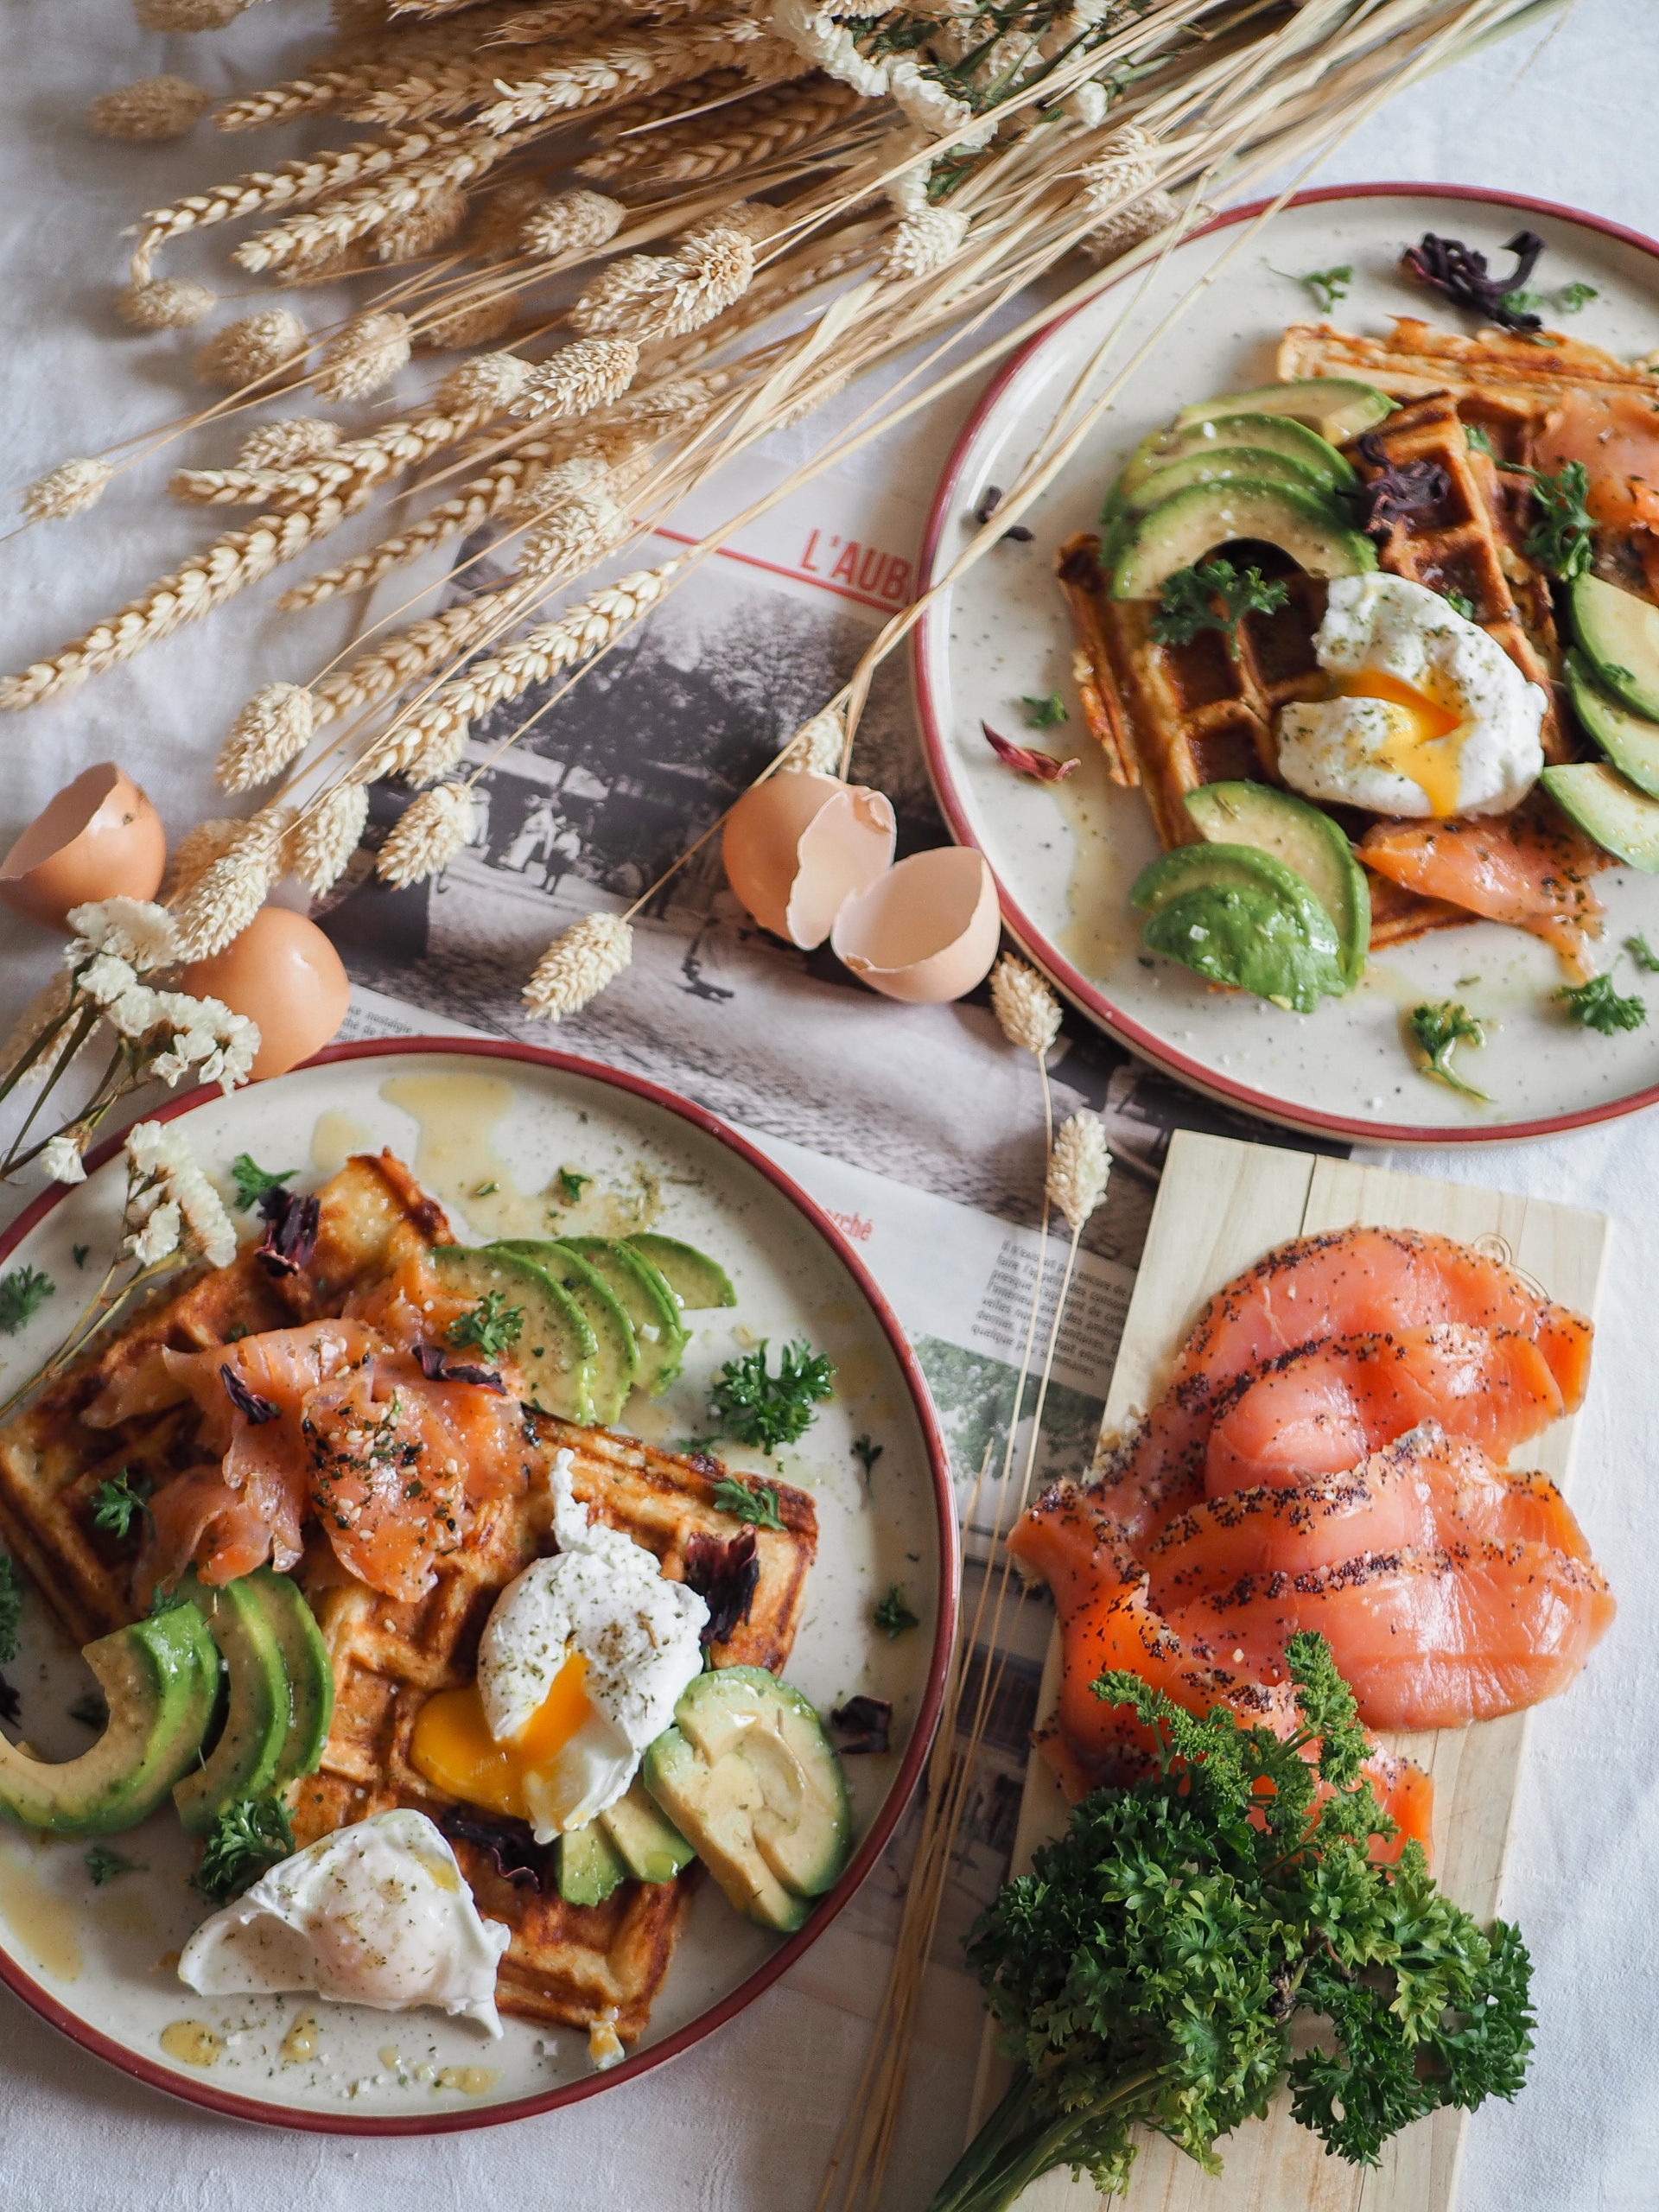 Recette gaufre salée saumon fumé, courgette et emmental pour brunch